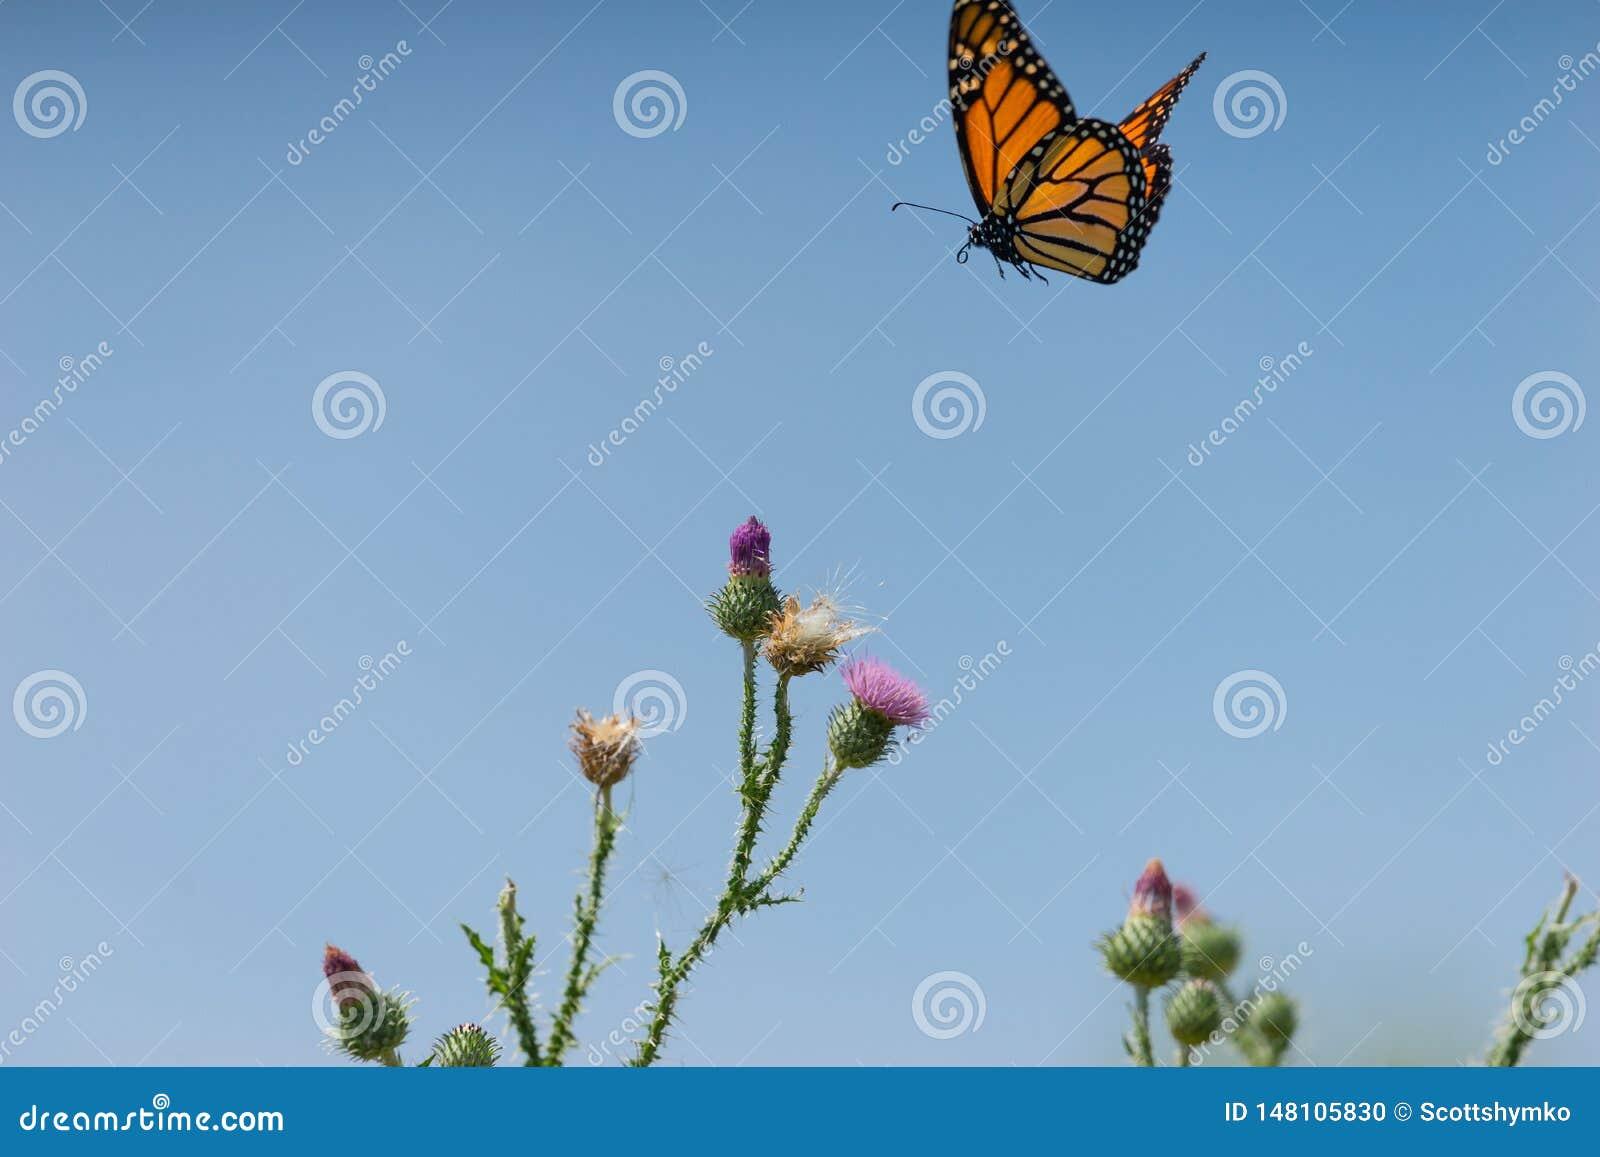 Monarchiczny motyl lata nad oset rośliną